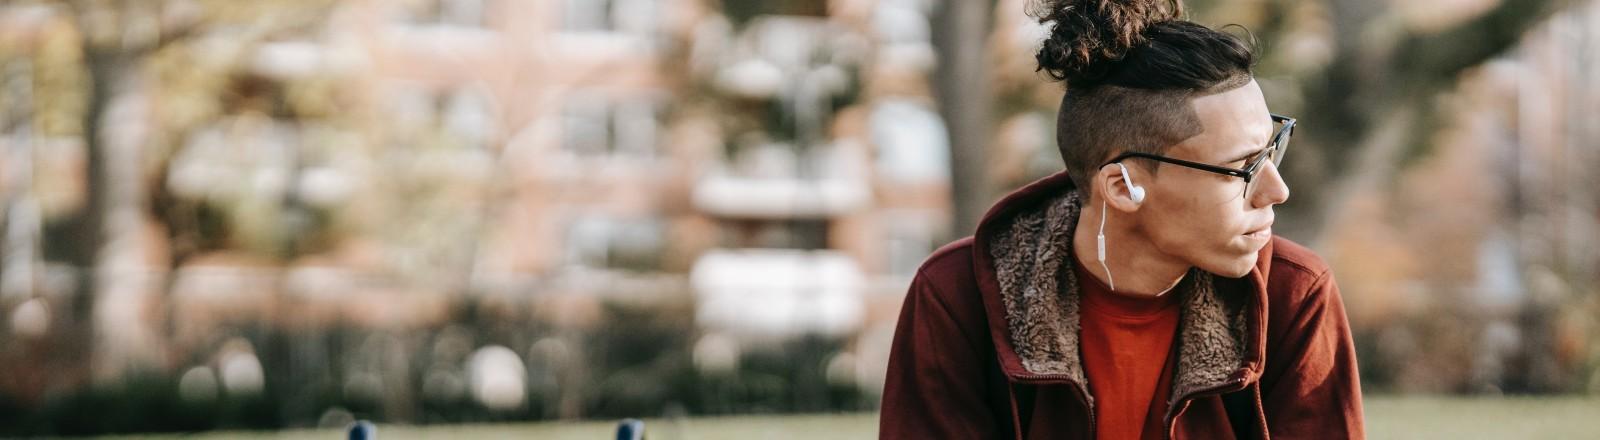 Ein junger Mann sitzt auf der Parkbank und schaut nach rechts